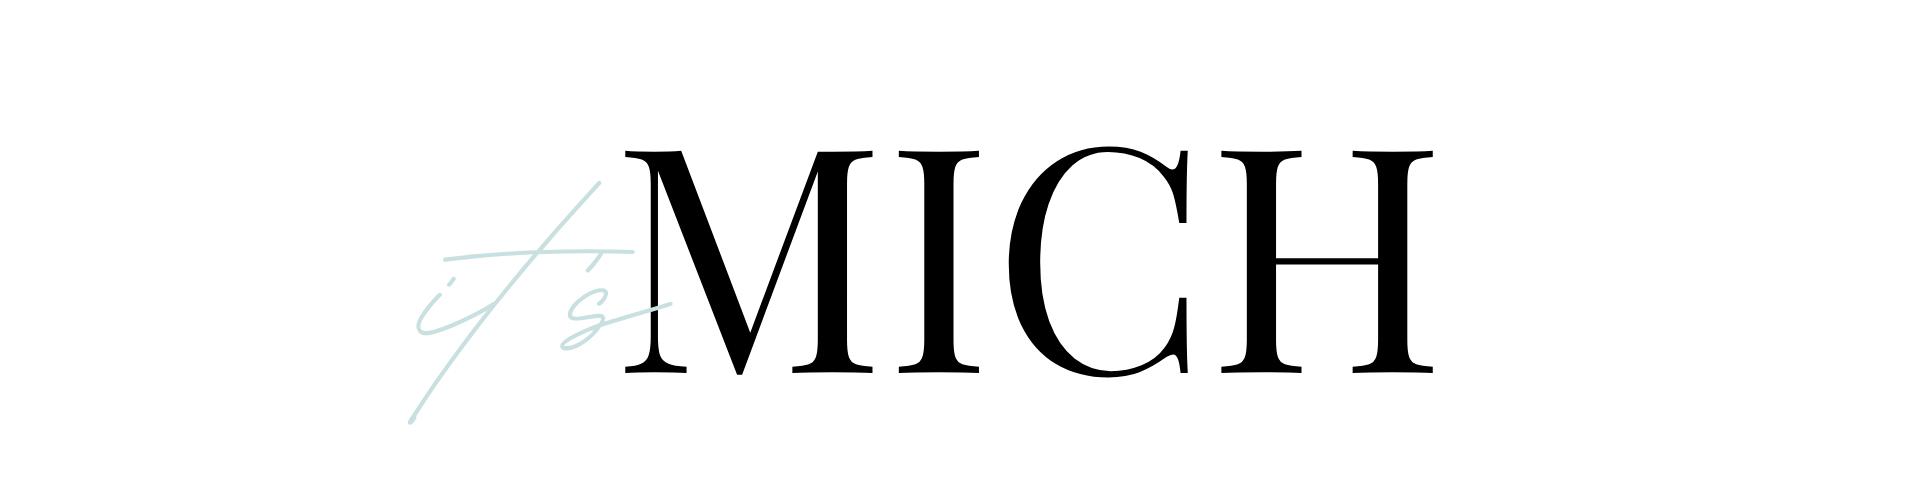 It's Mich